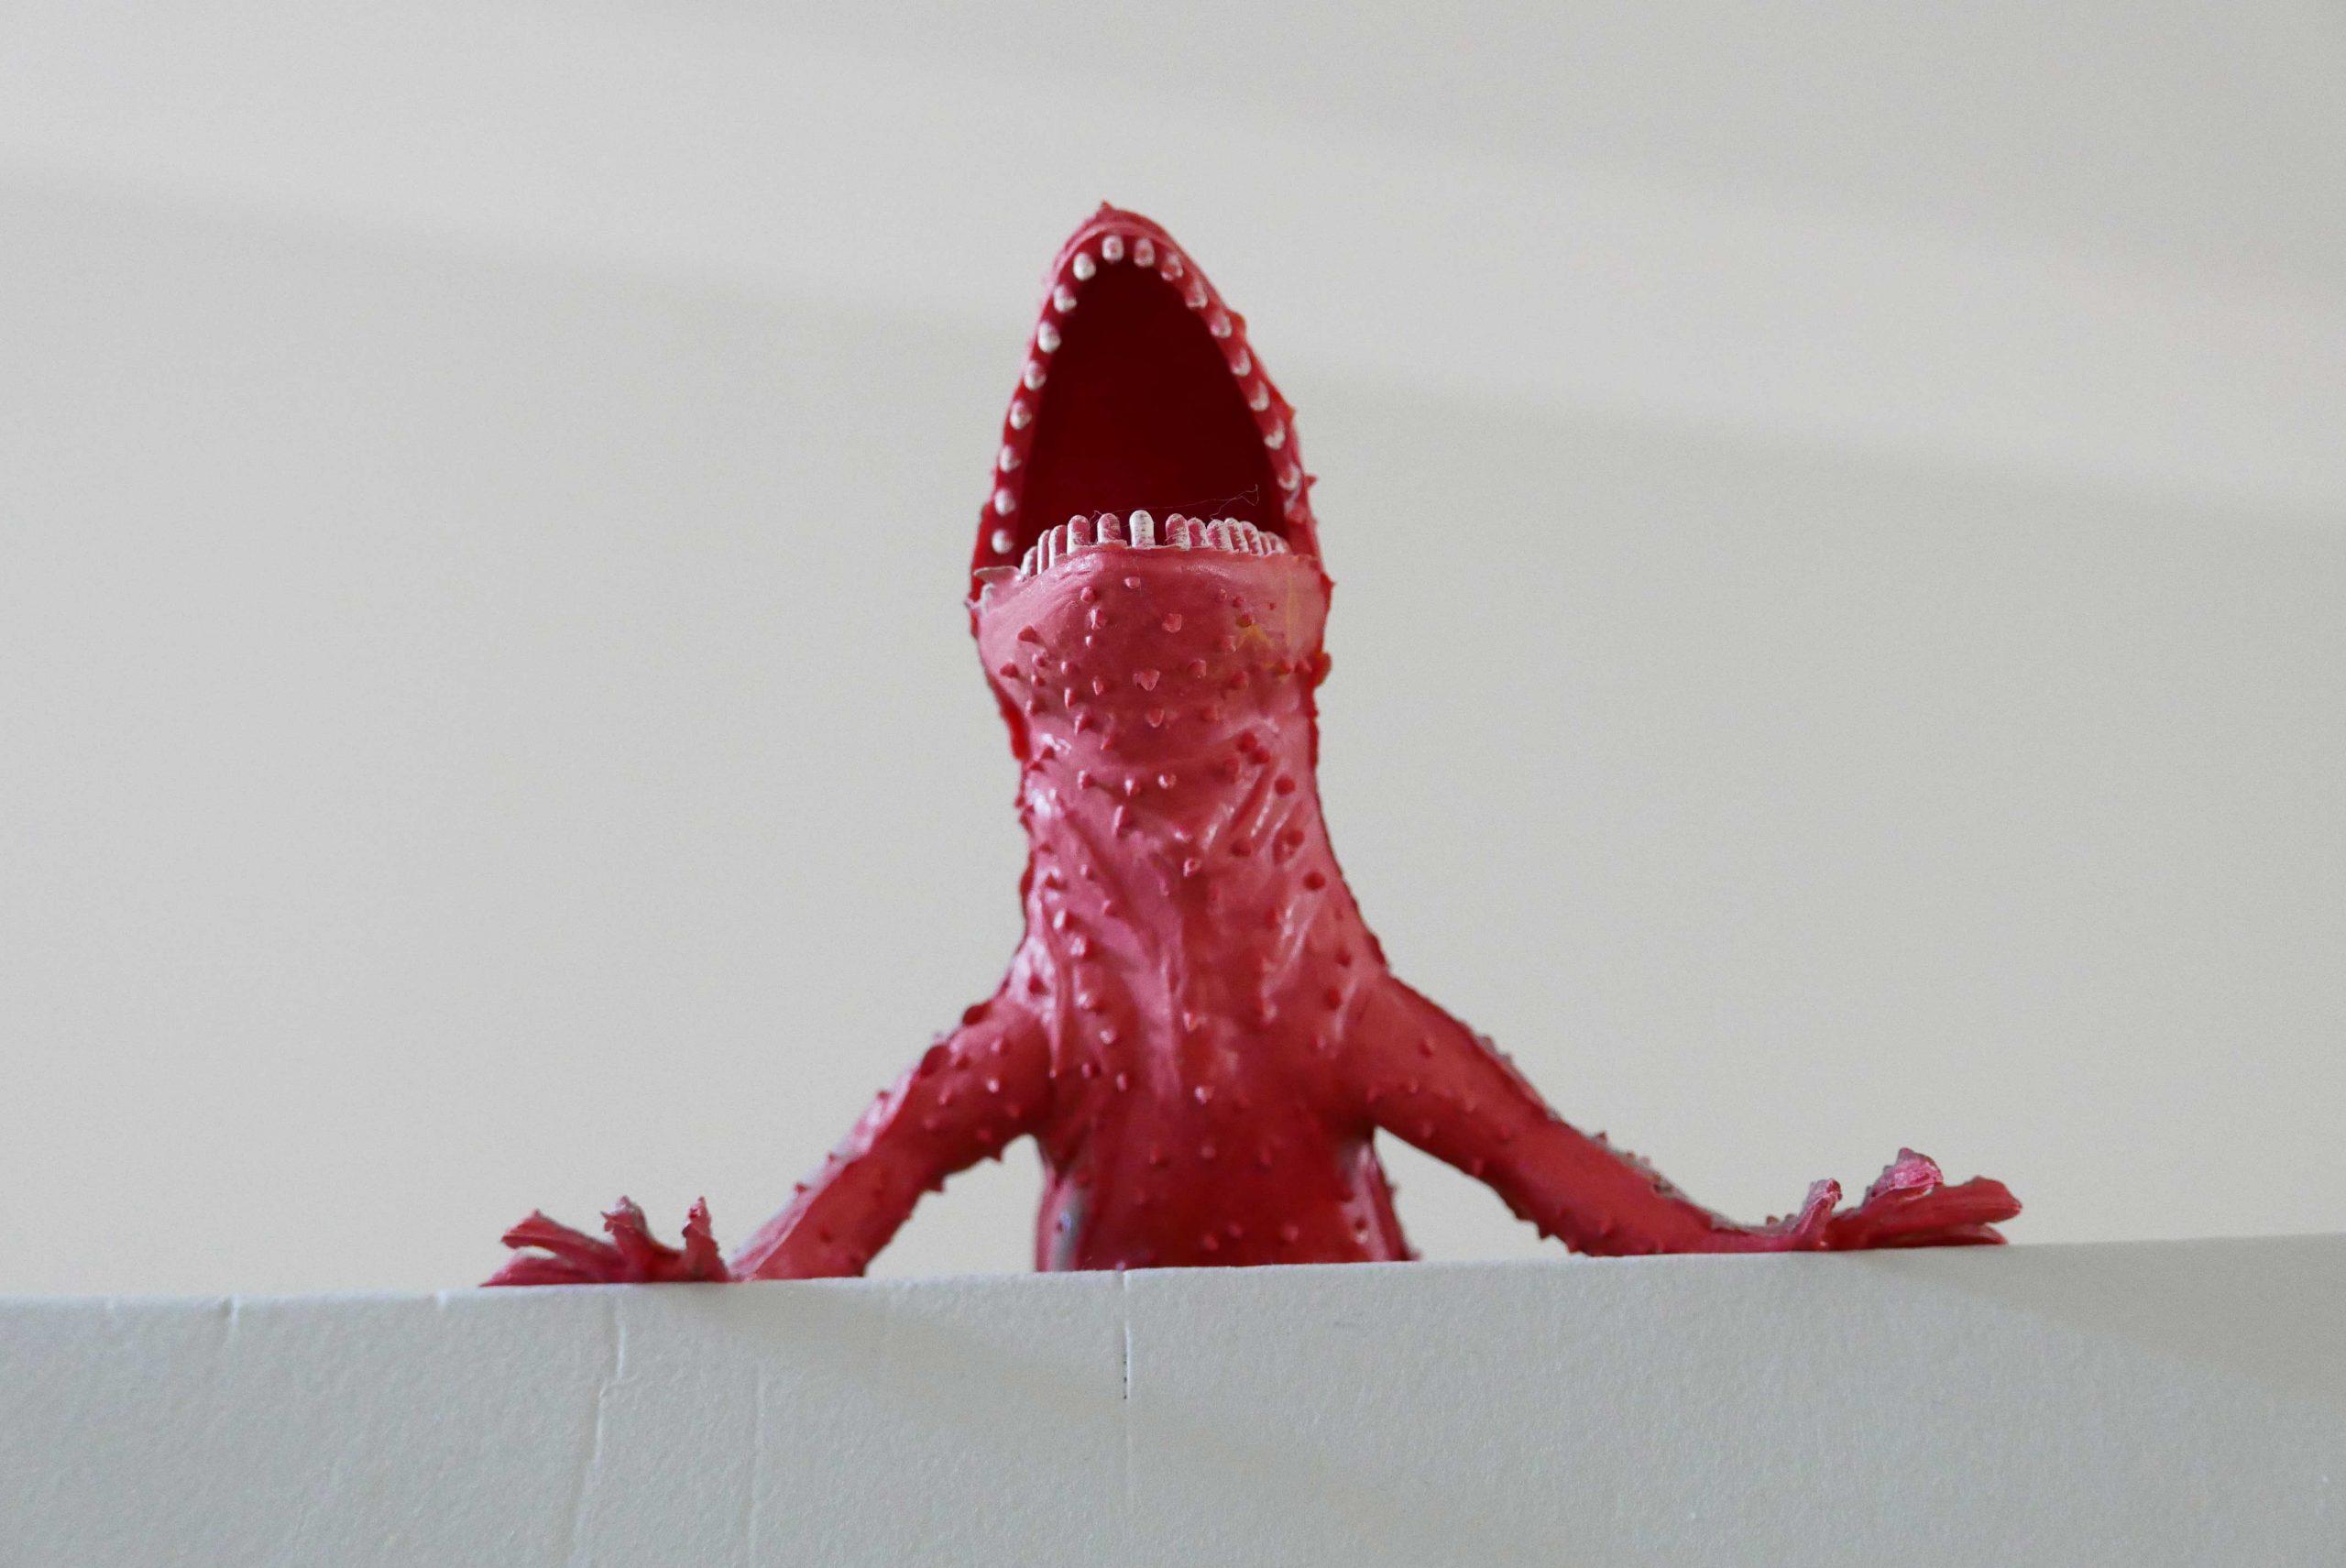 Roter Drache Dino auf einem grauen Schrank